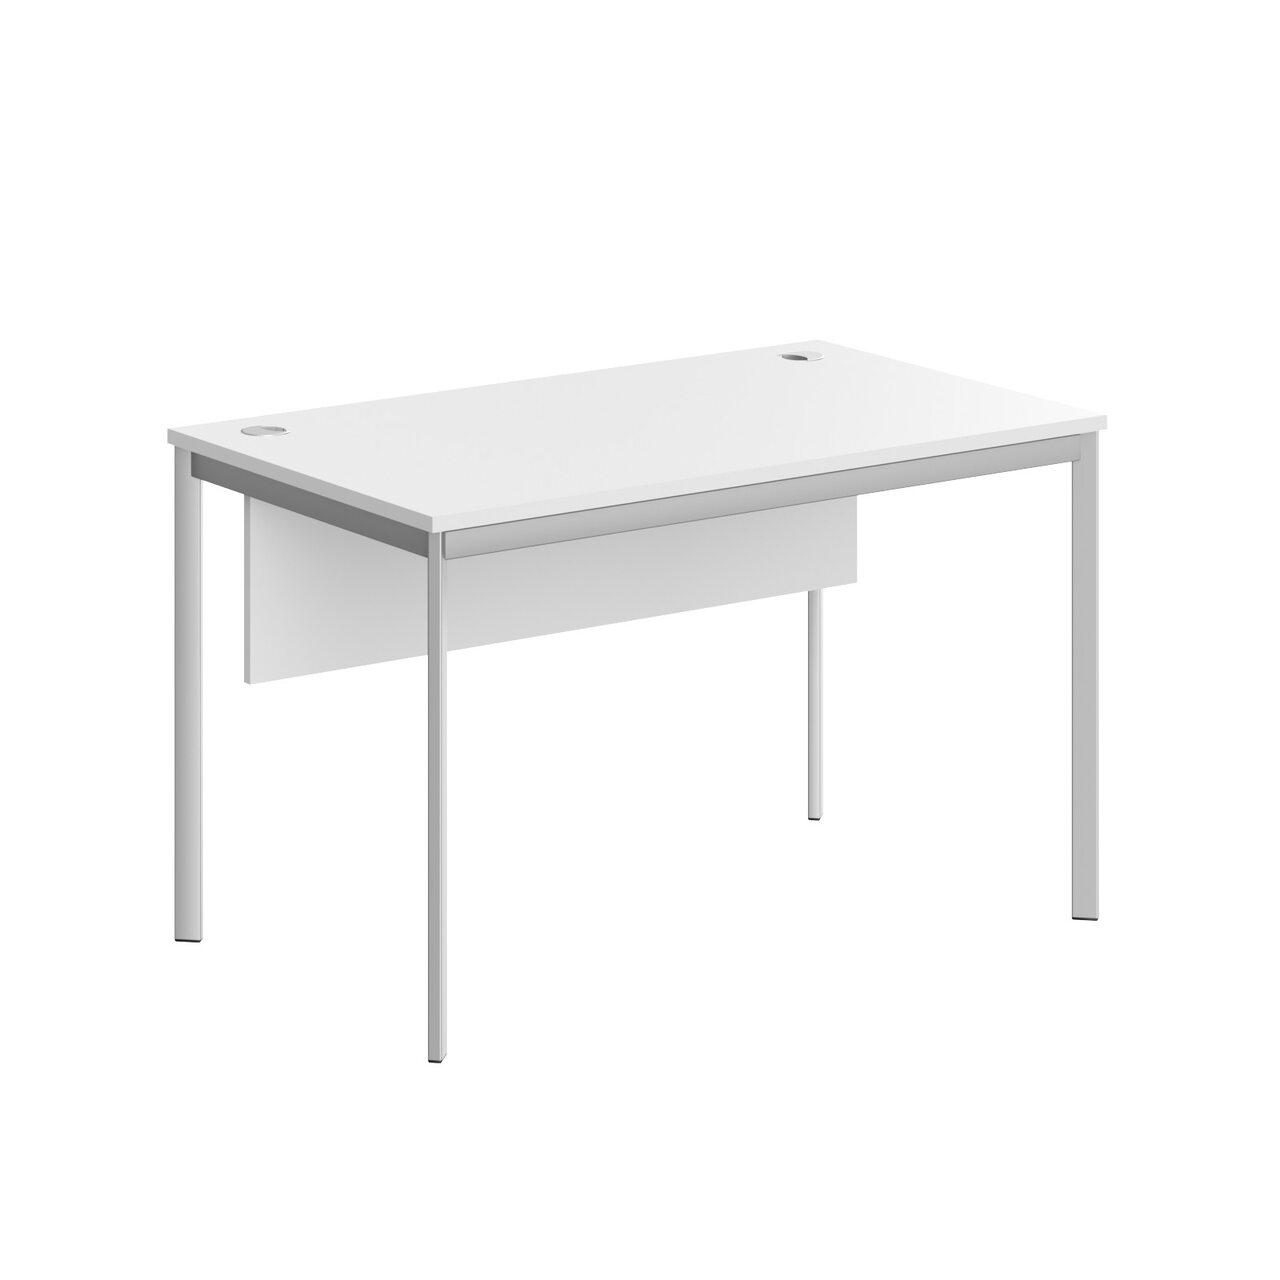 Стол прямой с фрональной панелью  IMAGO-S 72x120x76 - фото 2